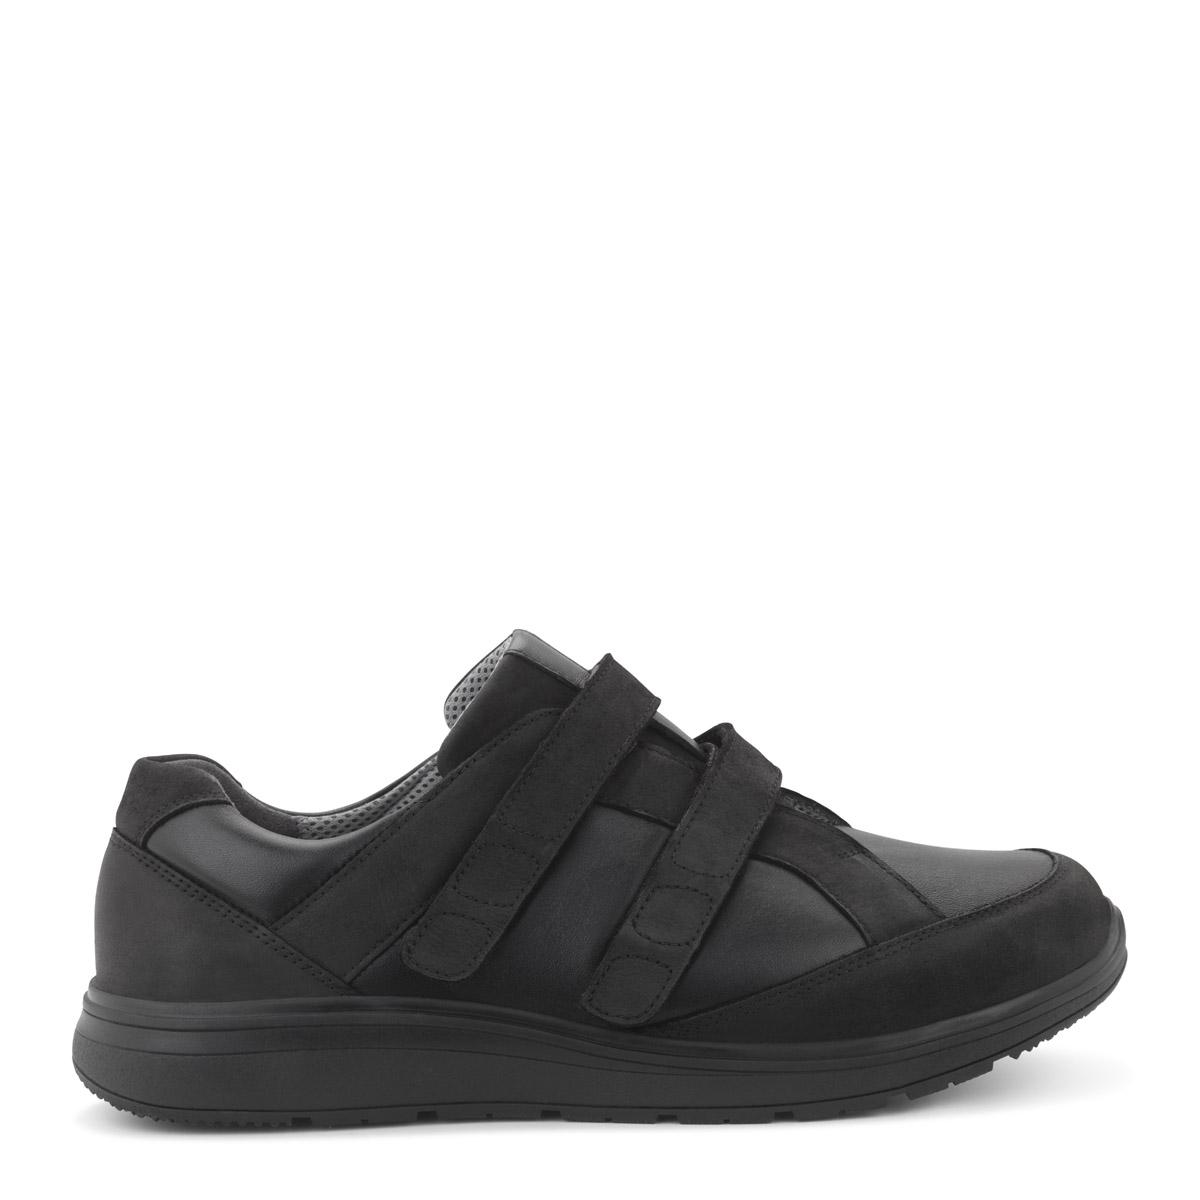 Kondilike sko med velcro, helt sort model fra New Feet.